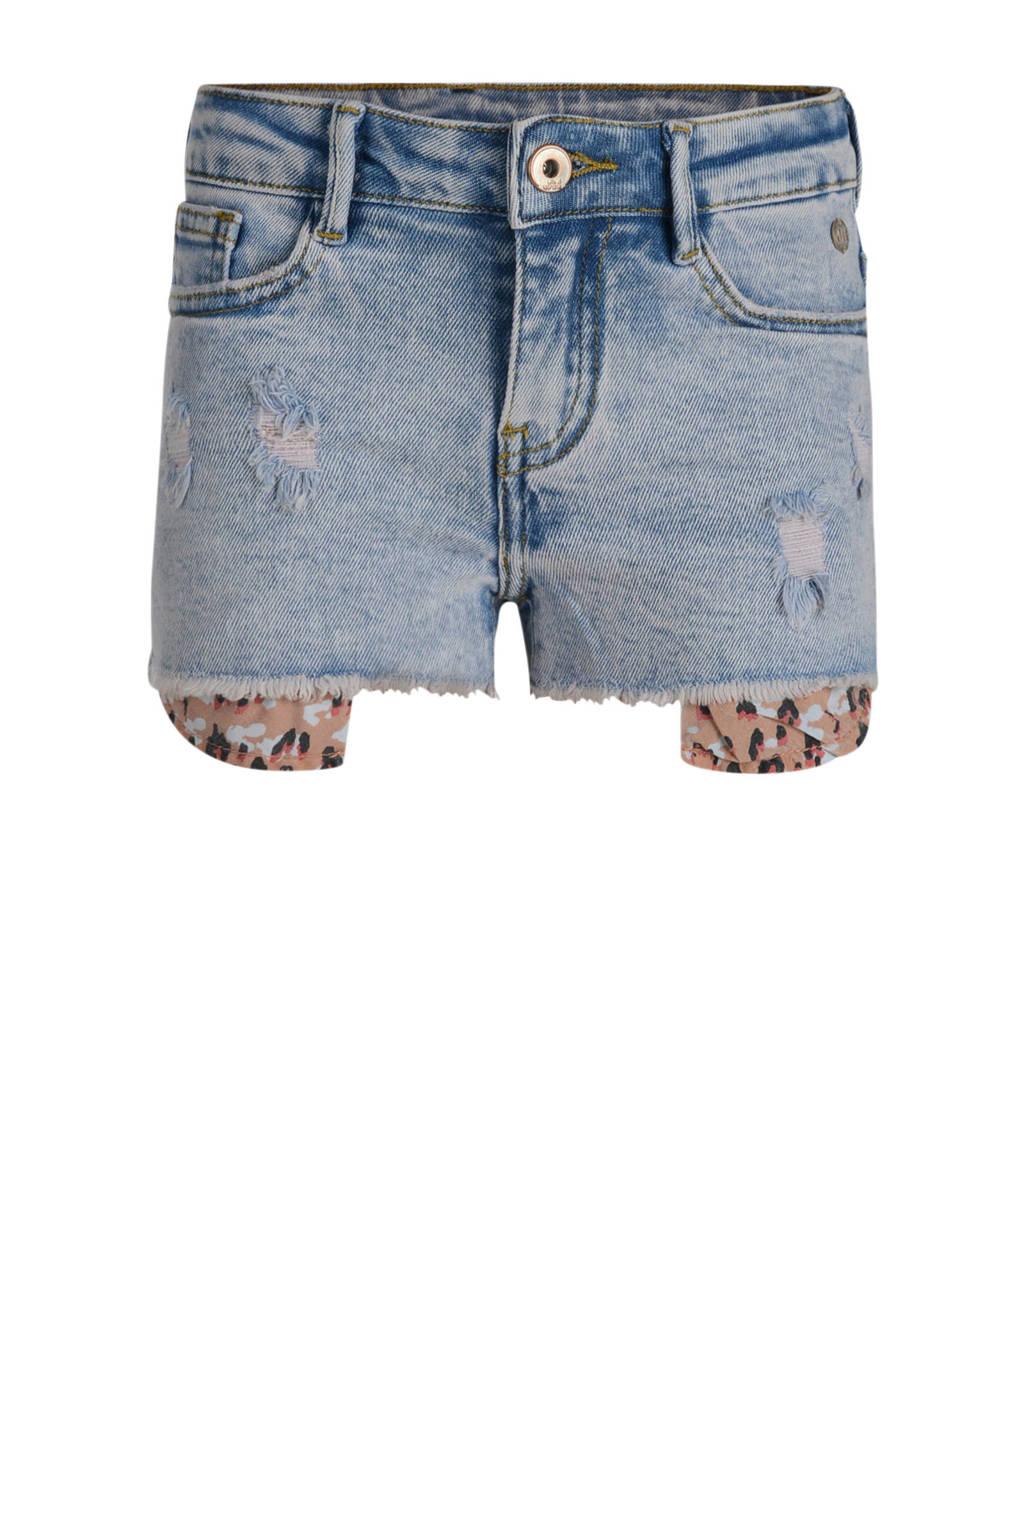 JILL MITCH jeans short light denim, Light denim